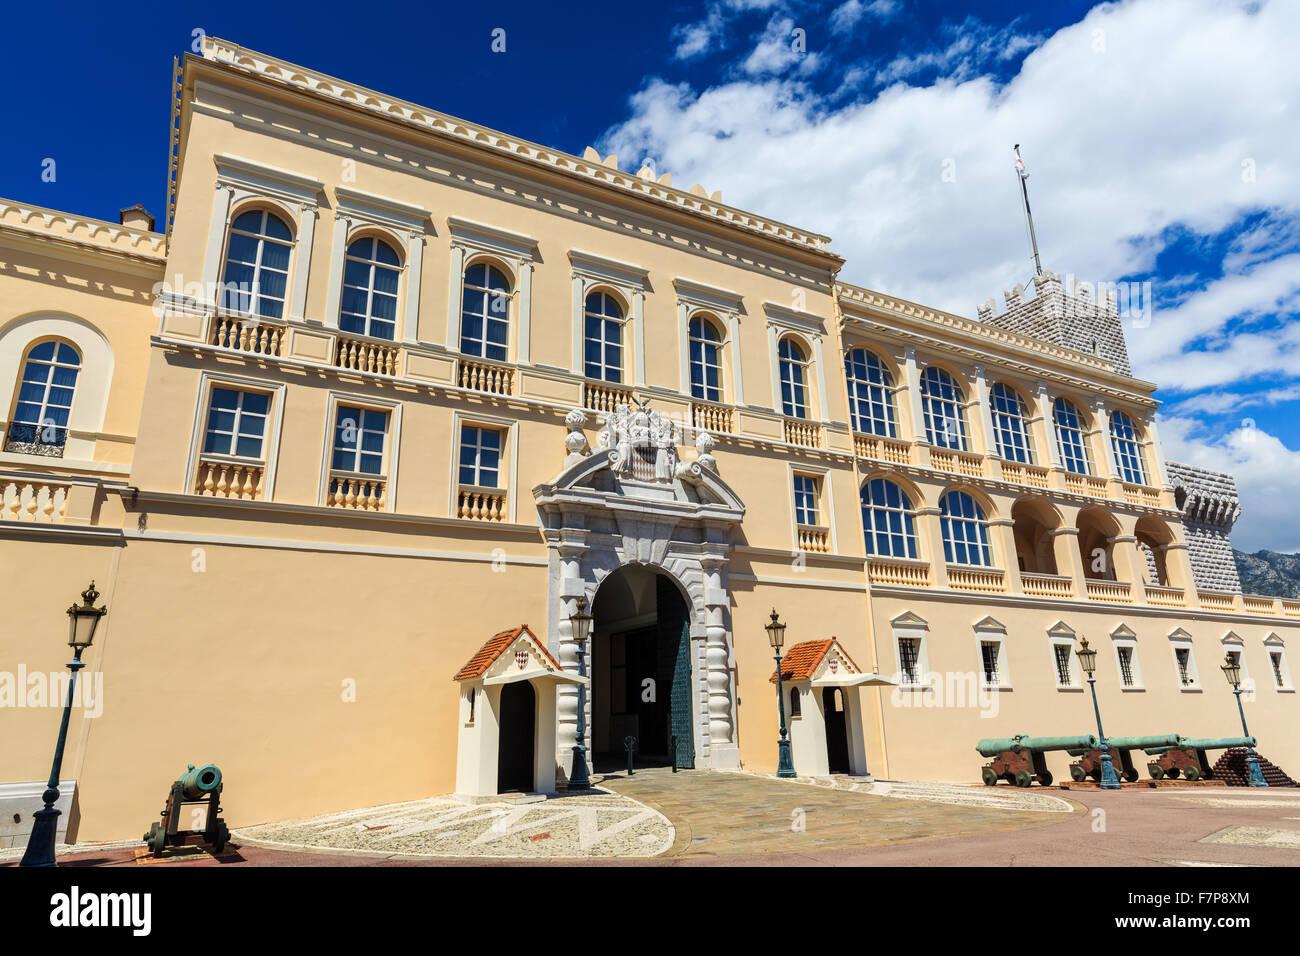 Mónaco, Principado de Mónaco, la fachada del Palacio Real. Monte Carlo. Imagen De Stock